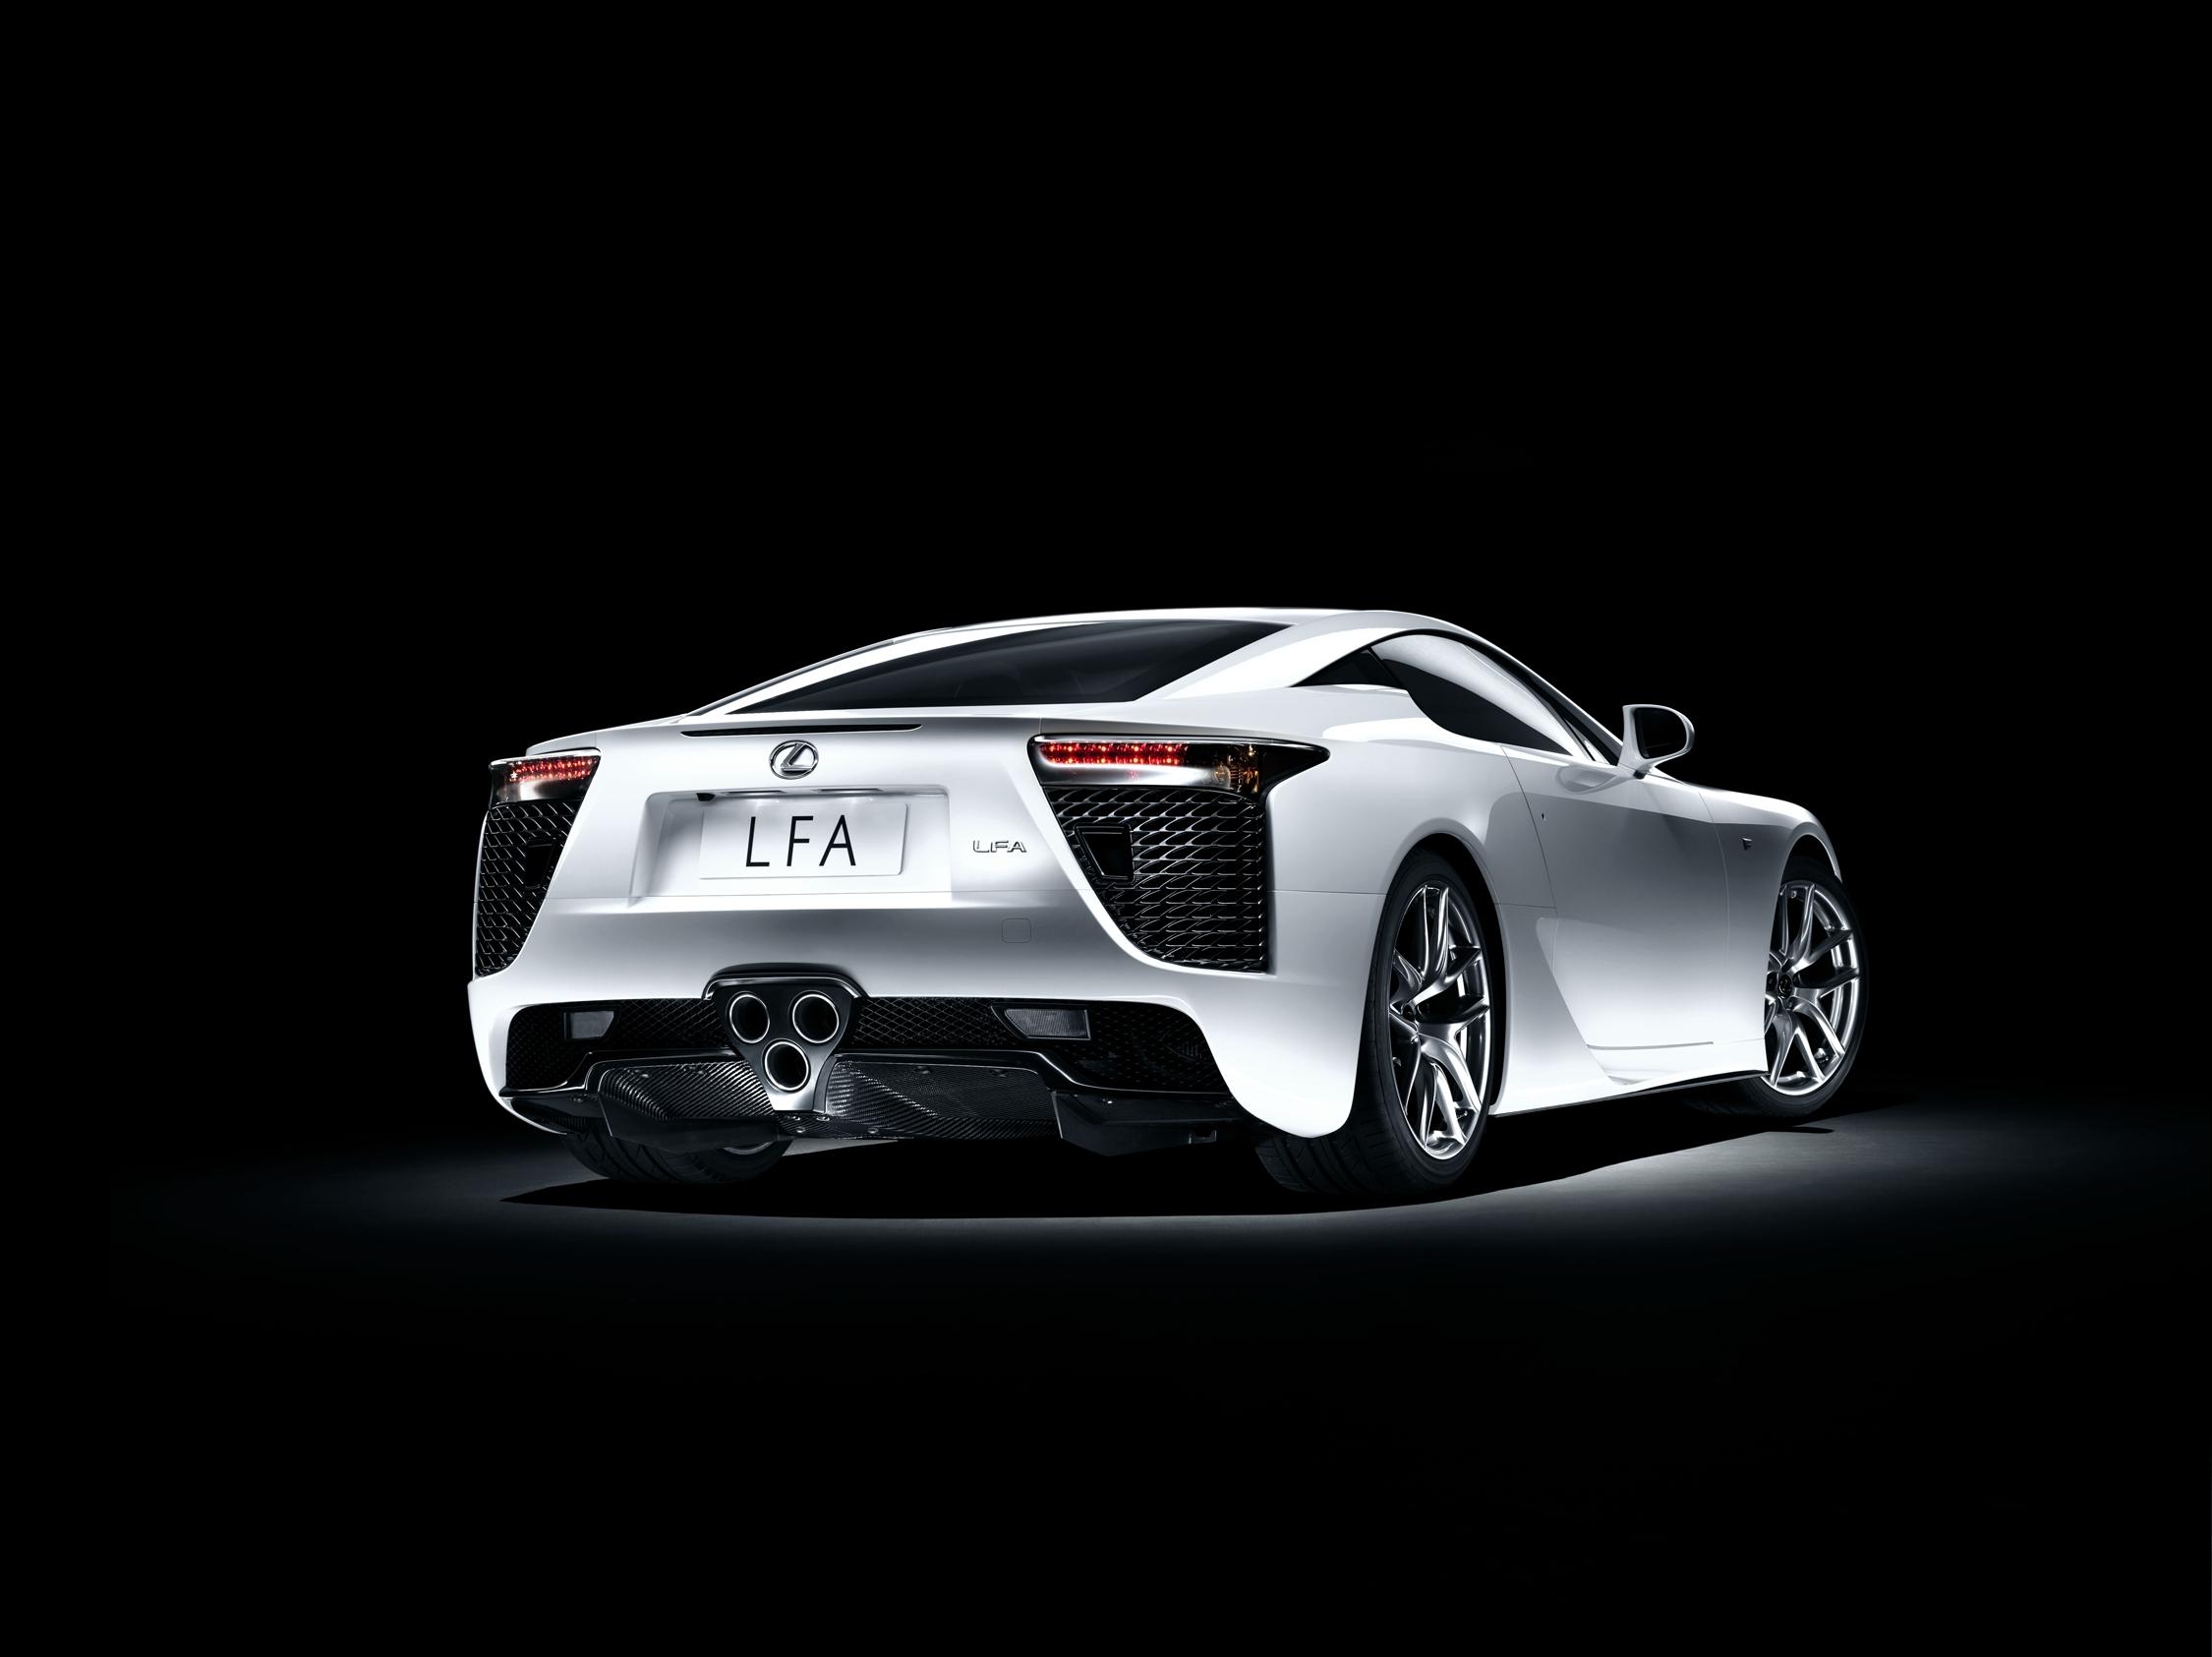 124982 Hintergrundbild herunterladen Lexus, Cars, Seitenansicht, Lfa - Bildschirmschoner und Bilder kostenlos